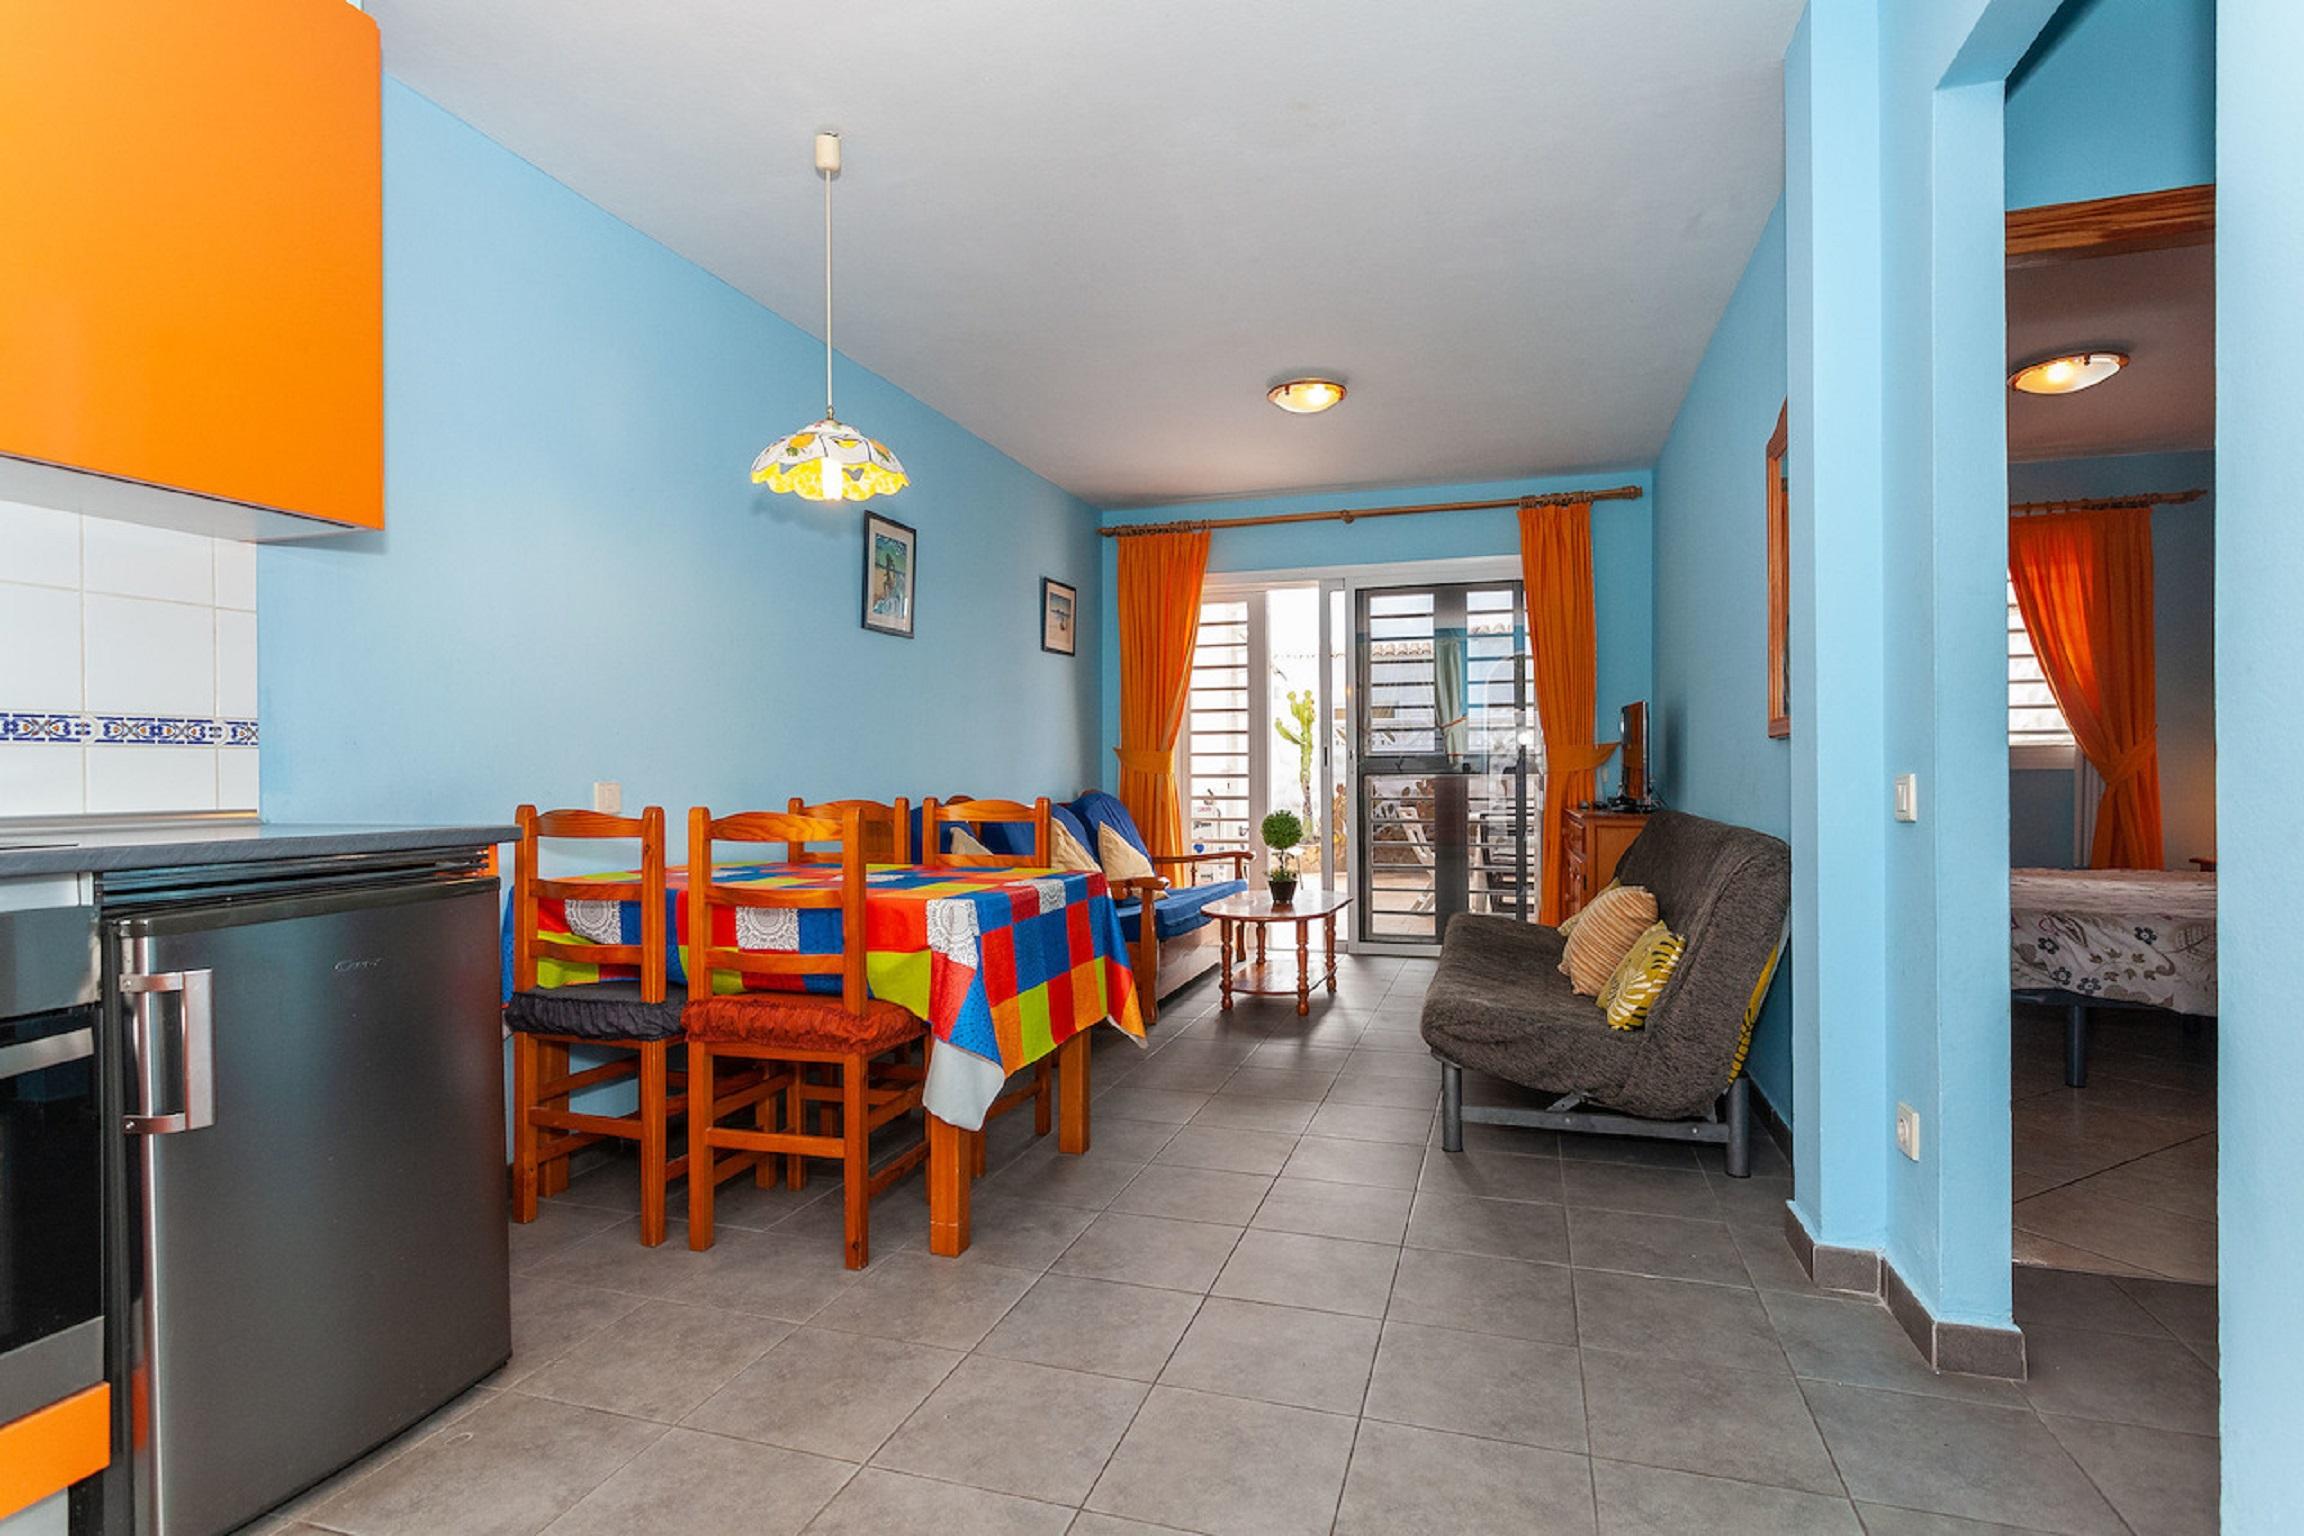 Ferienwohnung Apartment in Strandnhe mit groer Terrasse, Wlan und Parkplatz (2628896), Costa Calma, Fuerteventura, Kanarische Inseln, Spanien, Bild 2